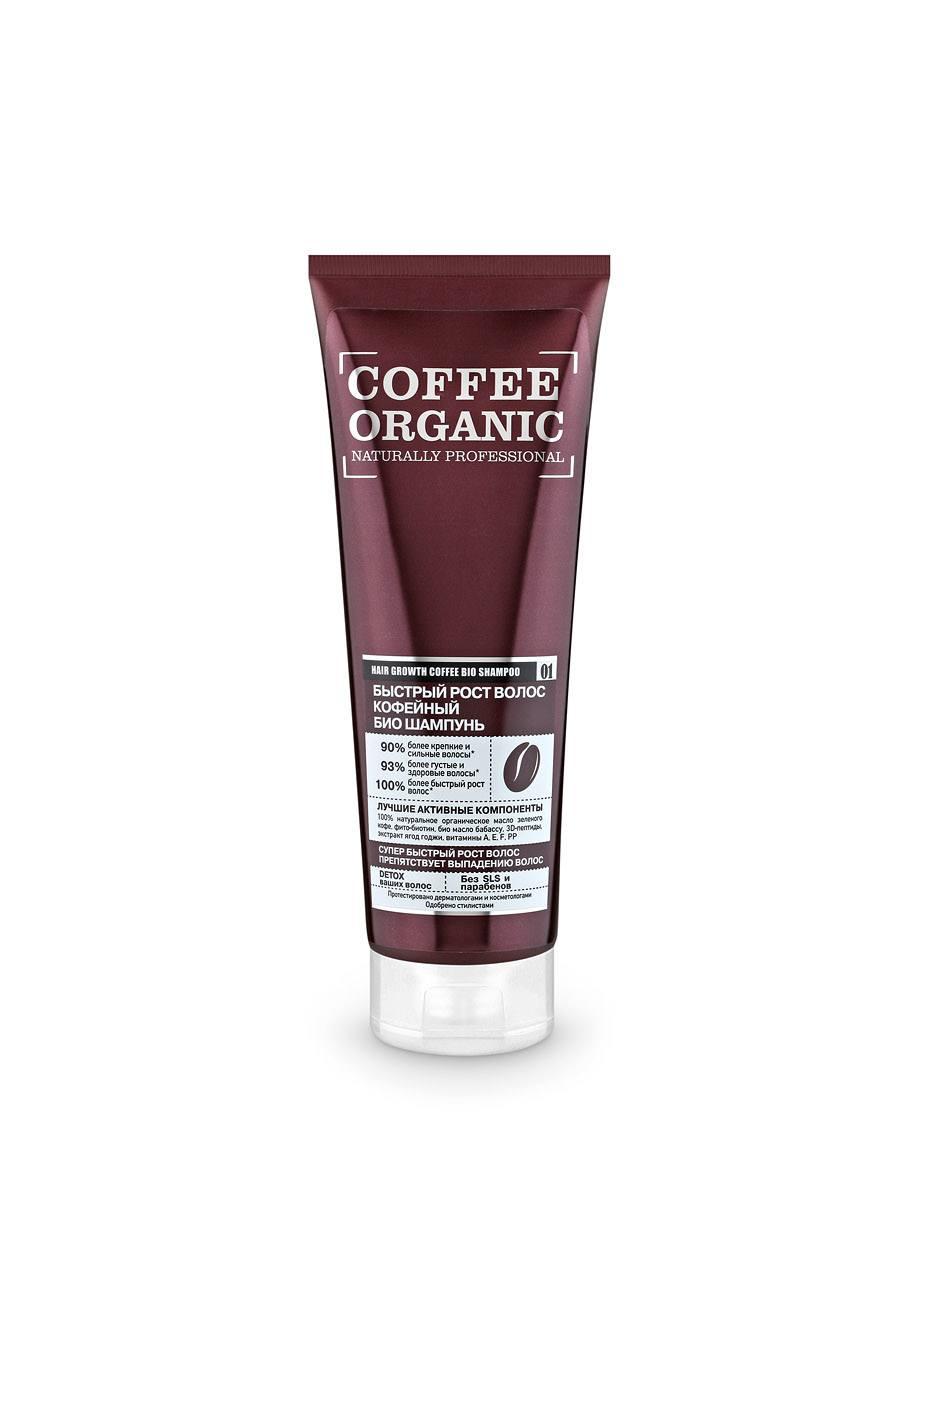 Купить Organic naturally professional Шампунь для волос Быстрый рост волос кофейный, 250 мл, Organic Shop (shop: Organic-shops Organic shops)